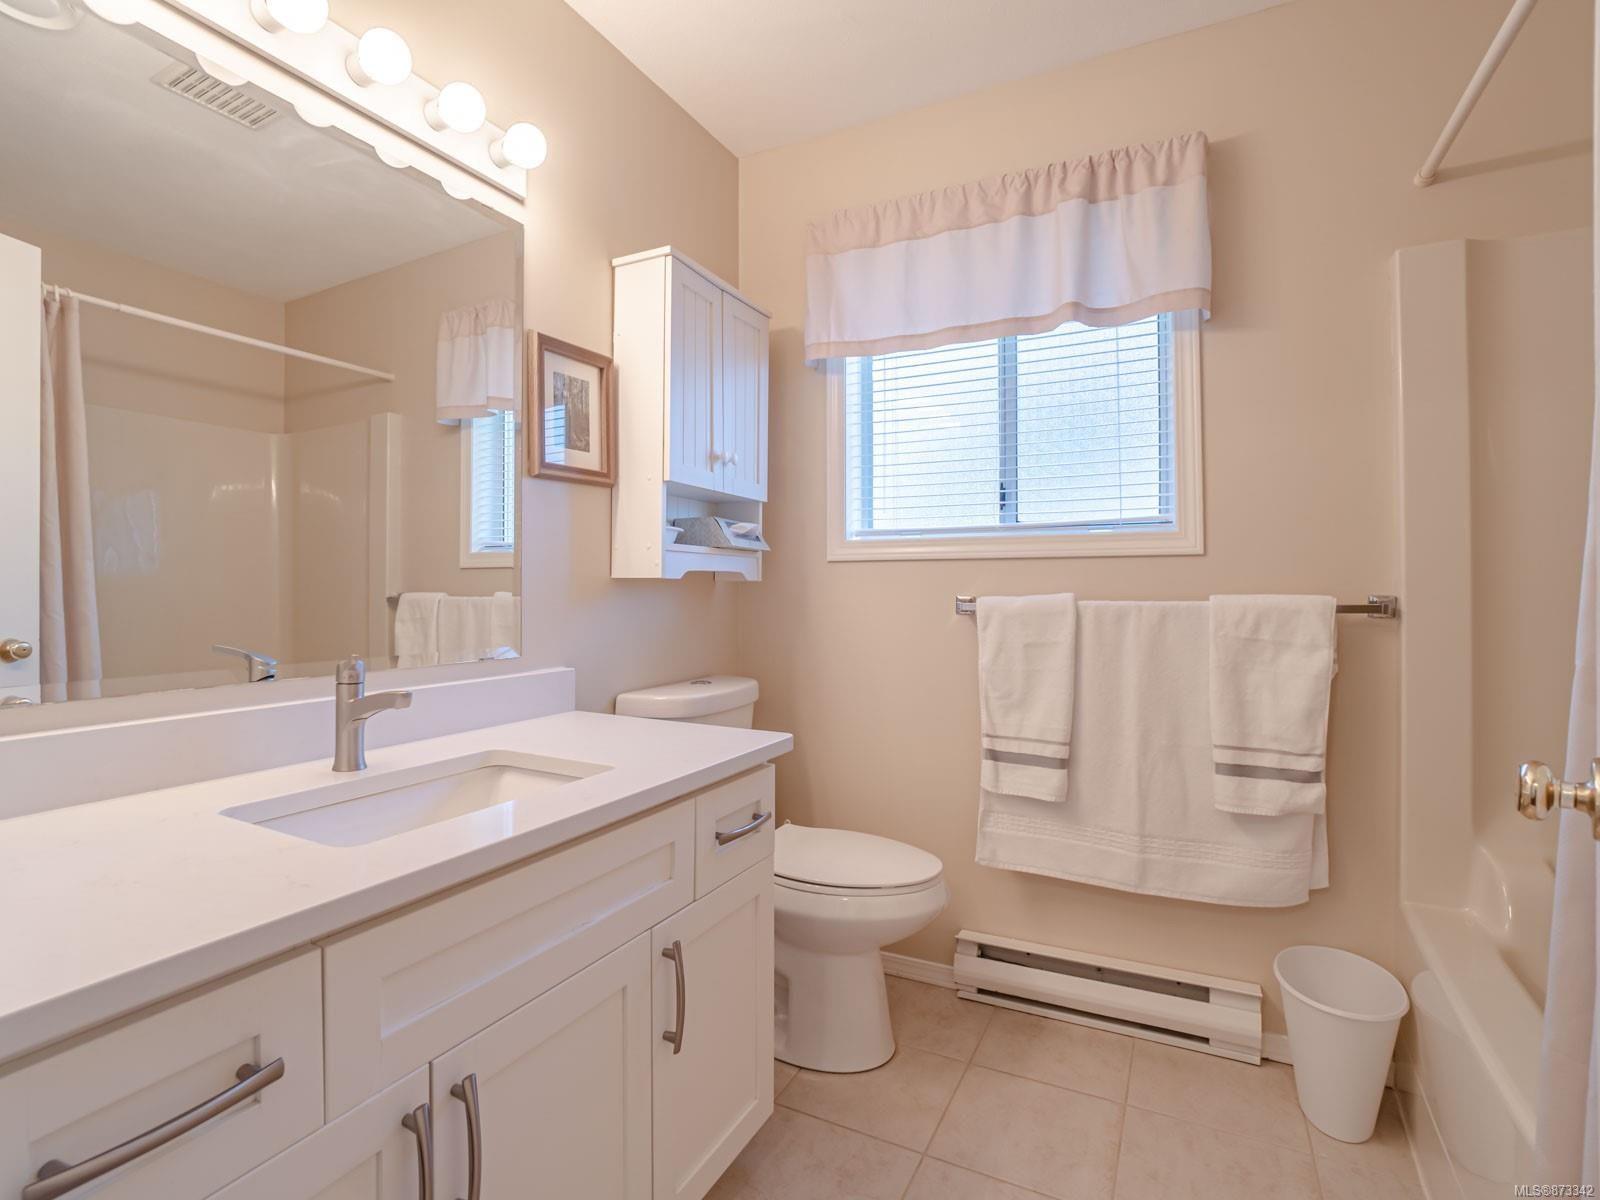 Photo 50: Photos: 5294 Catalina Dr in : Na North Nanaimo House for sale (Nanaimo)  : MLS®# 873342